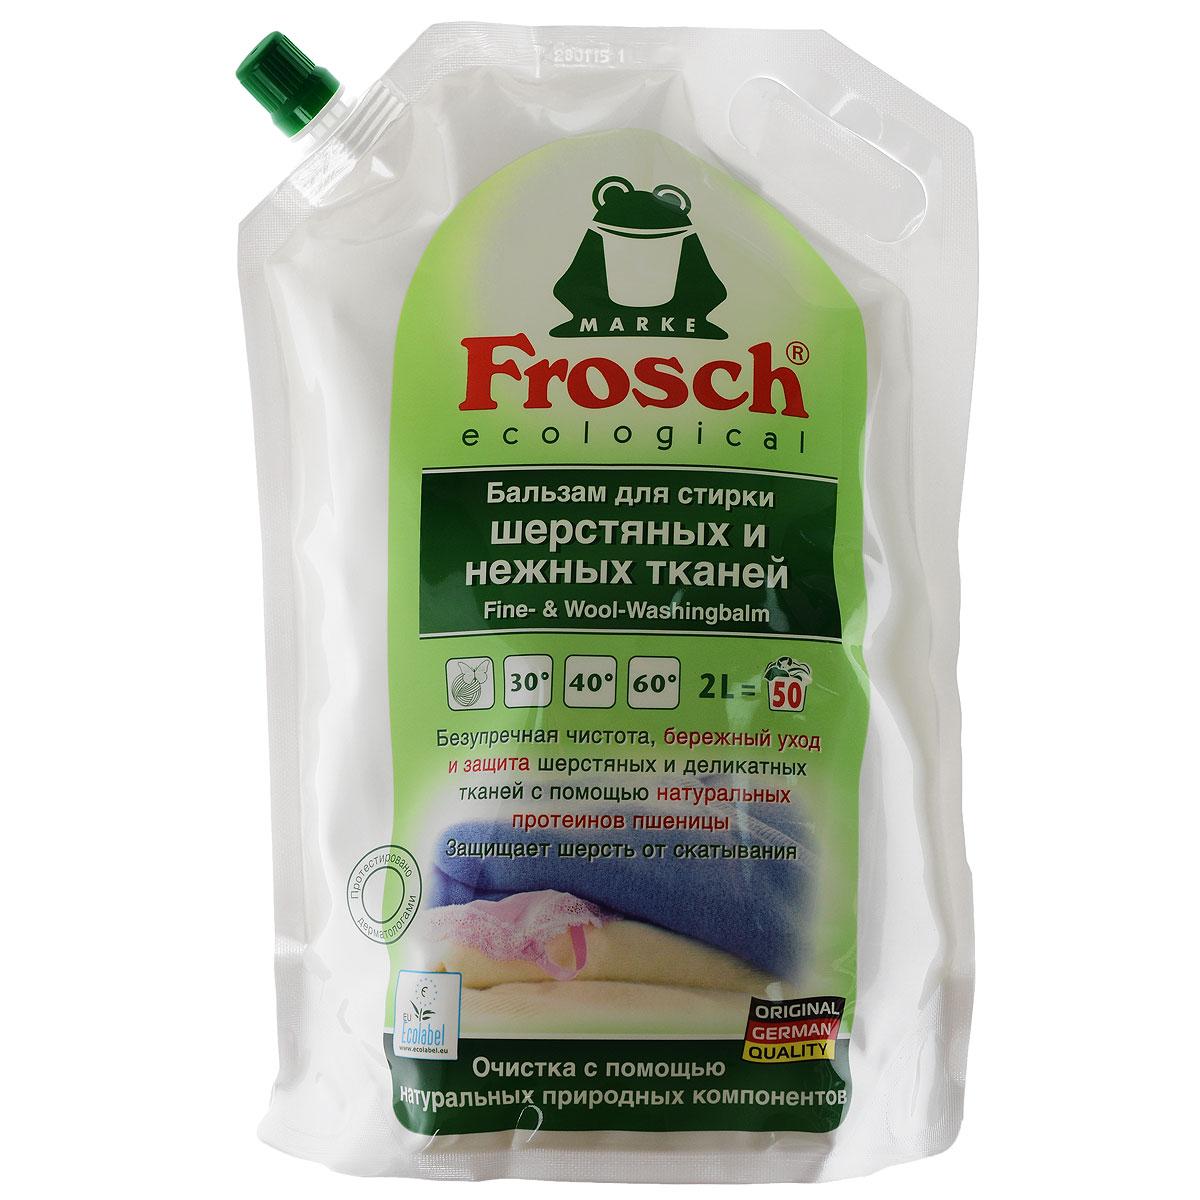 Бальзам Frosch для стирки шерстяных и нежных тканей, 2 л102198Бальзам Frosch предназначен для стирки деликатных тканей. Он идеально подходит для стирки шерсти, вискозы, шелка, синтетических тканей при температуре от 30° до 60° С. Его также можно применять для предварительно обработки пятен. Бальзам обновляет цвет. Средство подходит как для ручной, так и для машиной стирки. Торговая марка Frosch специализируется на выпуске экологически чистой бытовой химии. Для изготовления своей продукции Frosch использует натуральные природные компоненты. Ассортимент содержит все необходимое для бережного ухода за домом и вещами. Эффективно удаляет загрязнения, оберегает кожу рук и безопасна для окружающей среды. Товар сертифицирован. Состав: 5-15% неионогенные ПАВ, менее 5% анионные ПАВ, мыло, энзимы (протеаза, амилаза, целлюлоза), ароматизирующие добавки, протеины пшеницы, ингибитор переноса красителя.